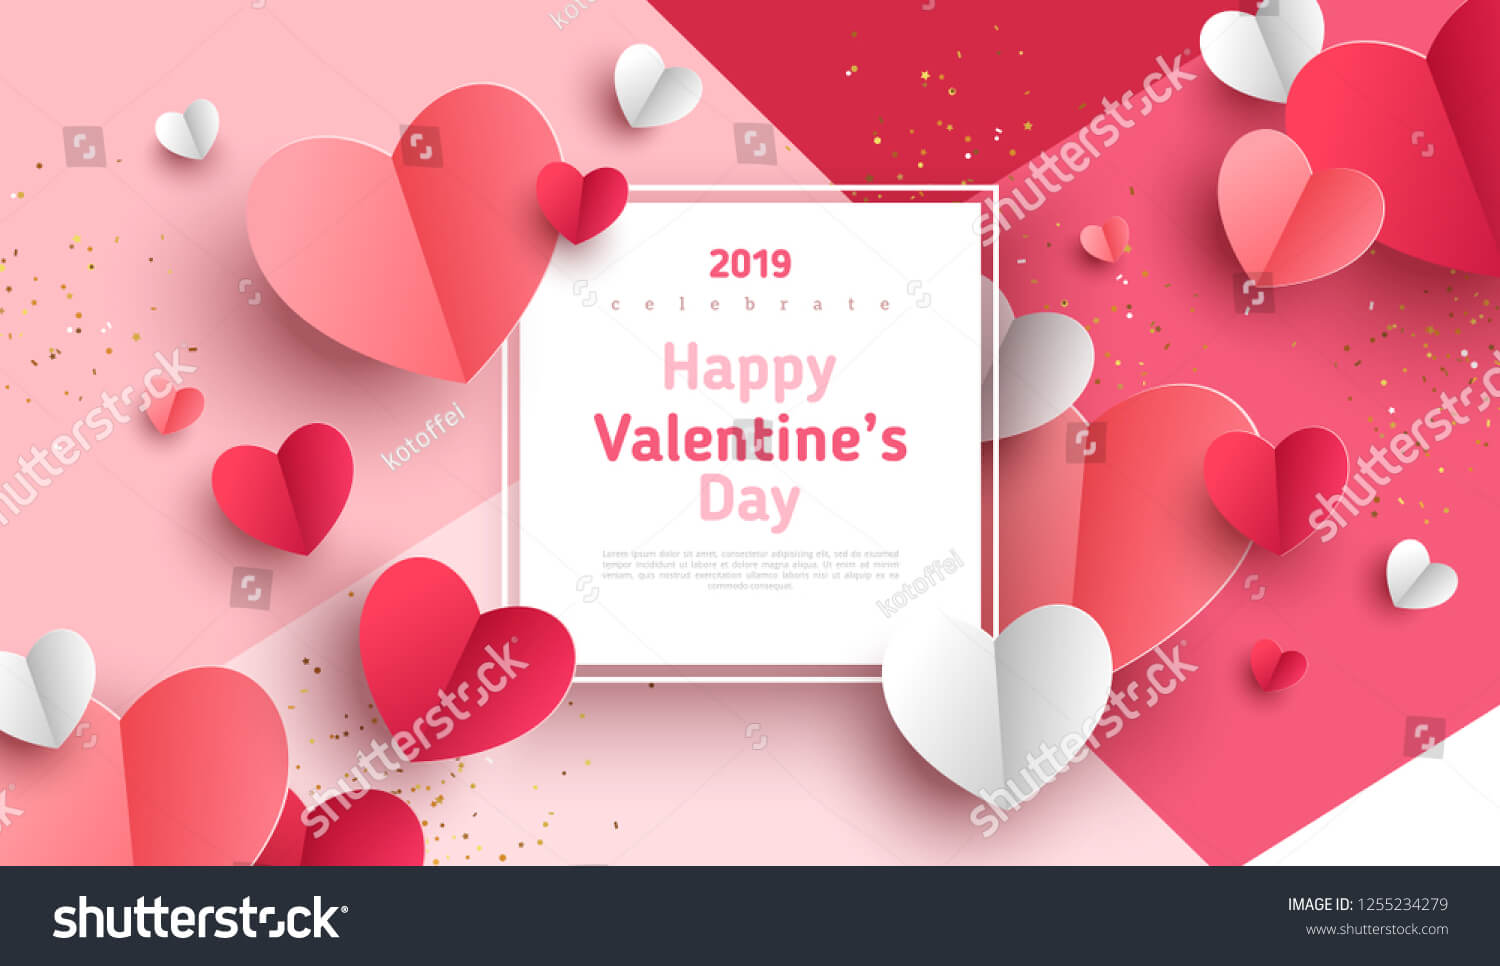 Background Vector Valentine trên Shutterstock